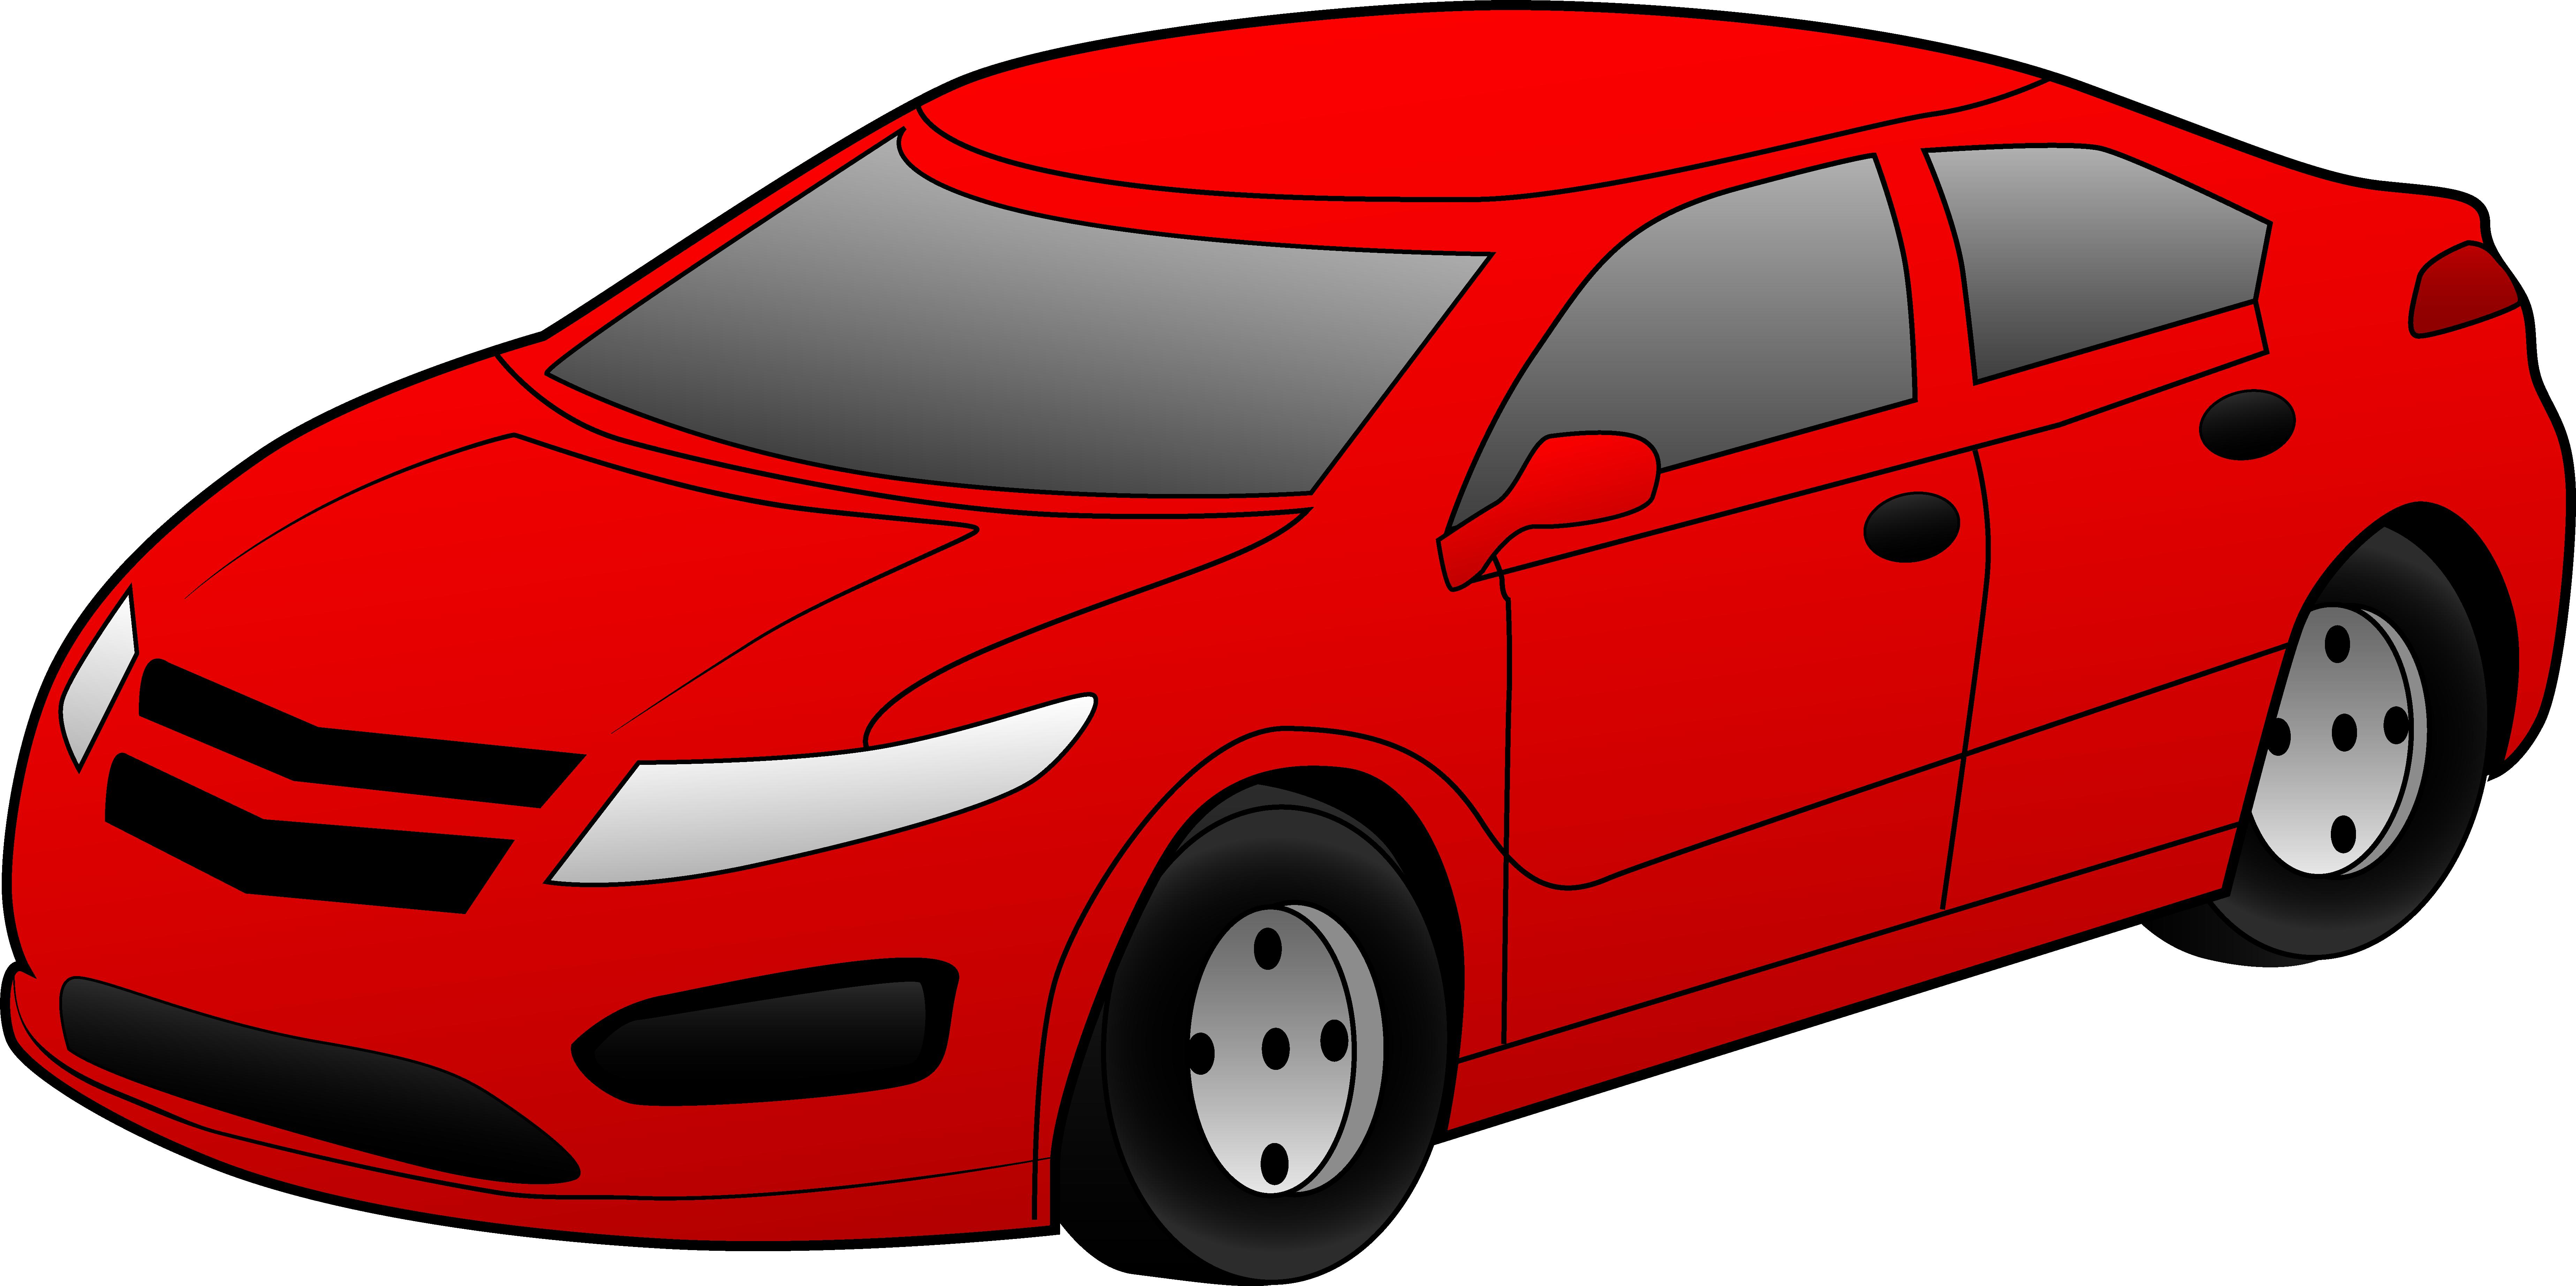 Cool Red Sports Car Free u0026middot; Sports Car Clipart